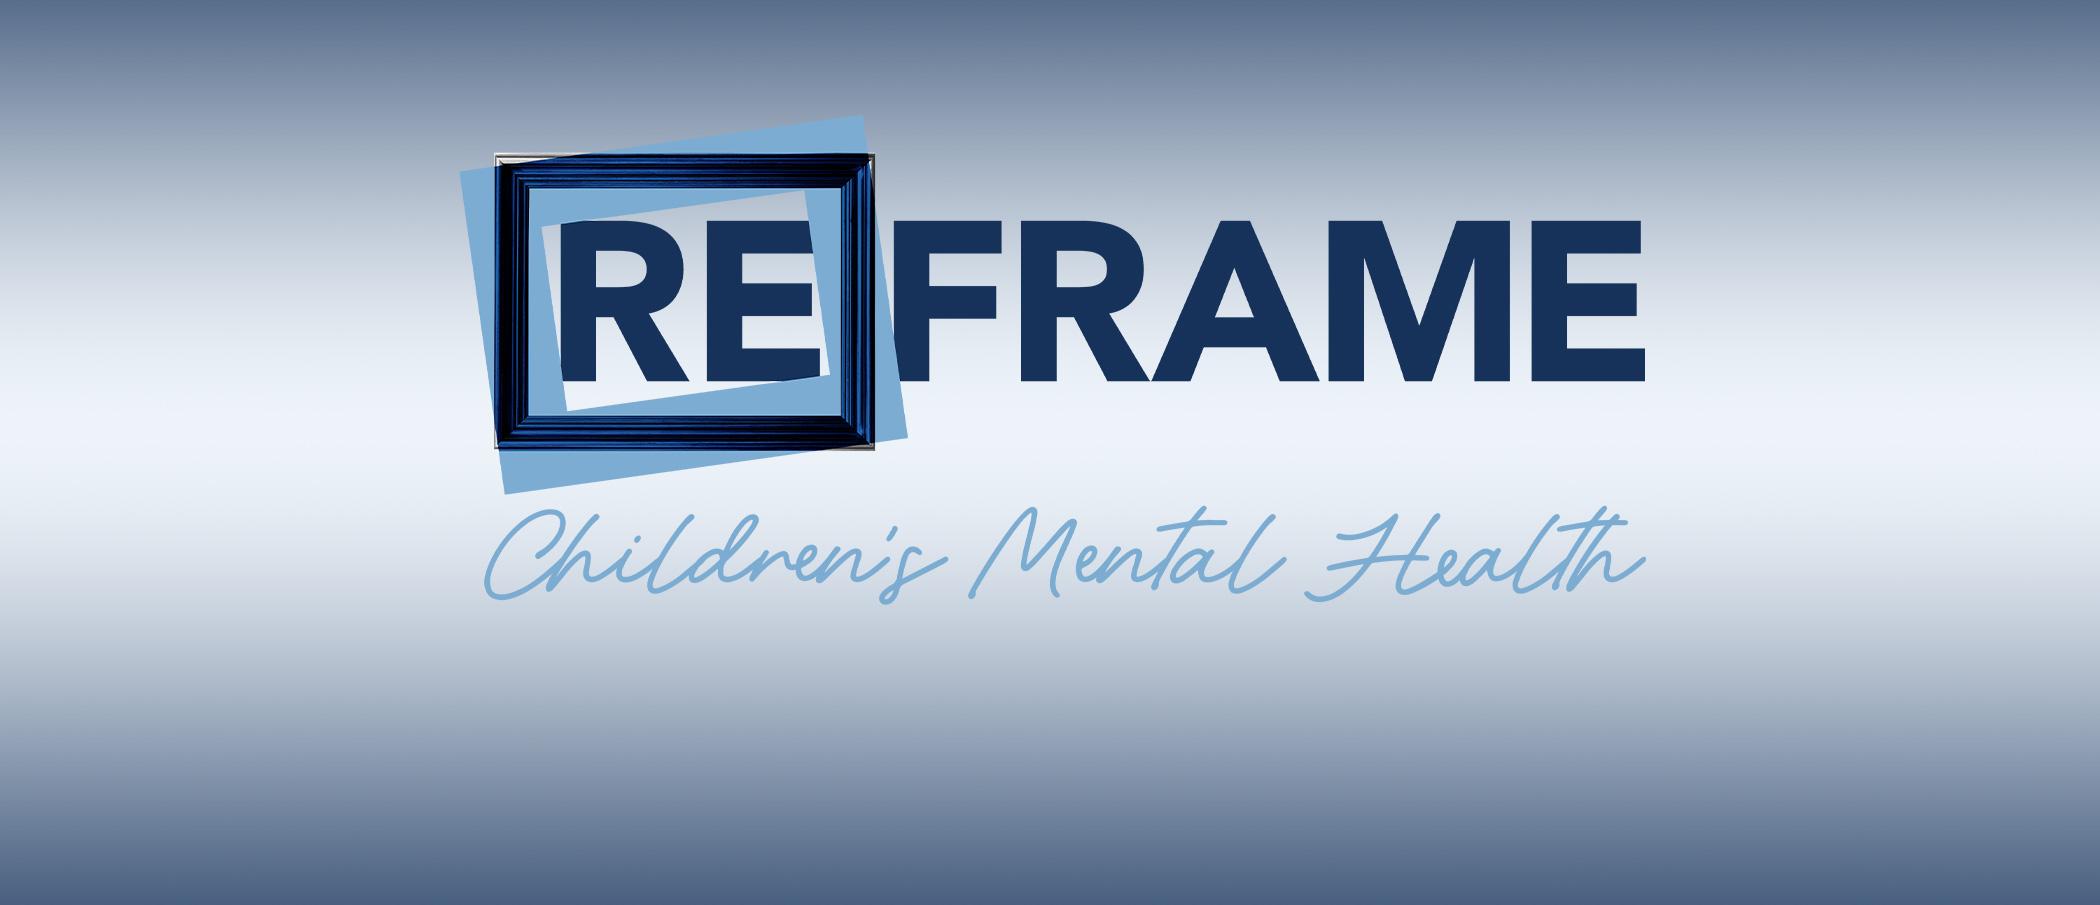 Reframe Children's Mental Health podcast logo